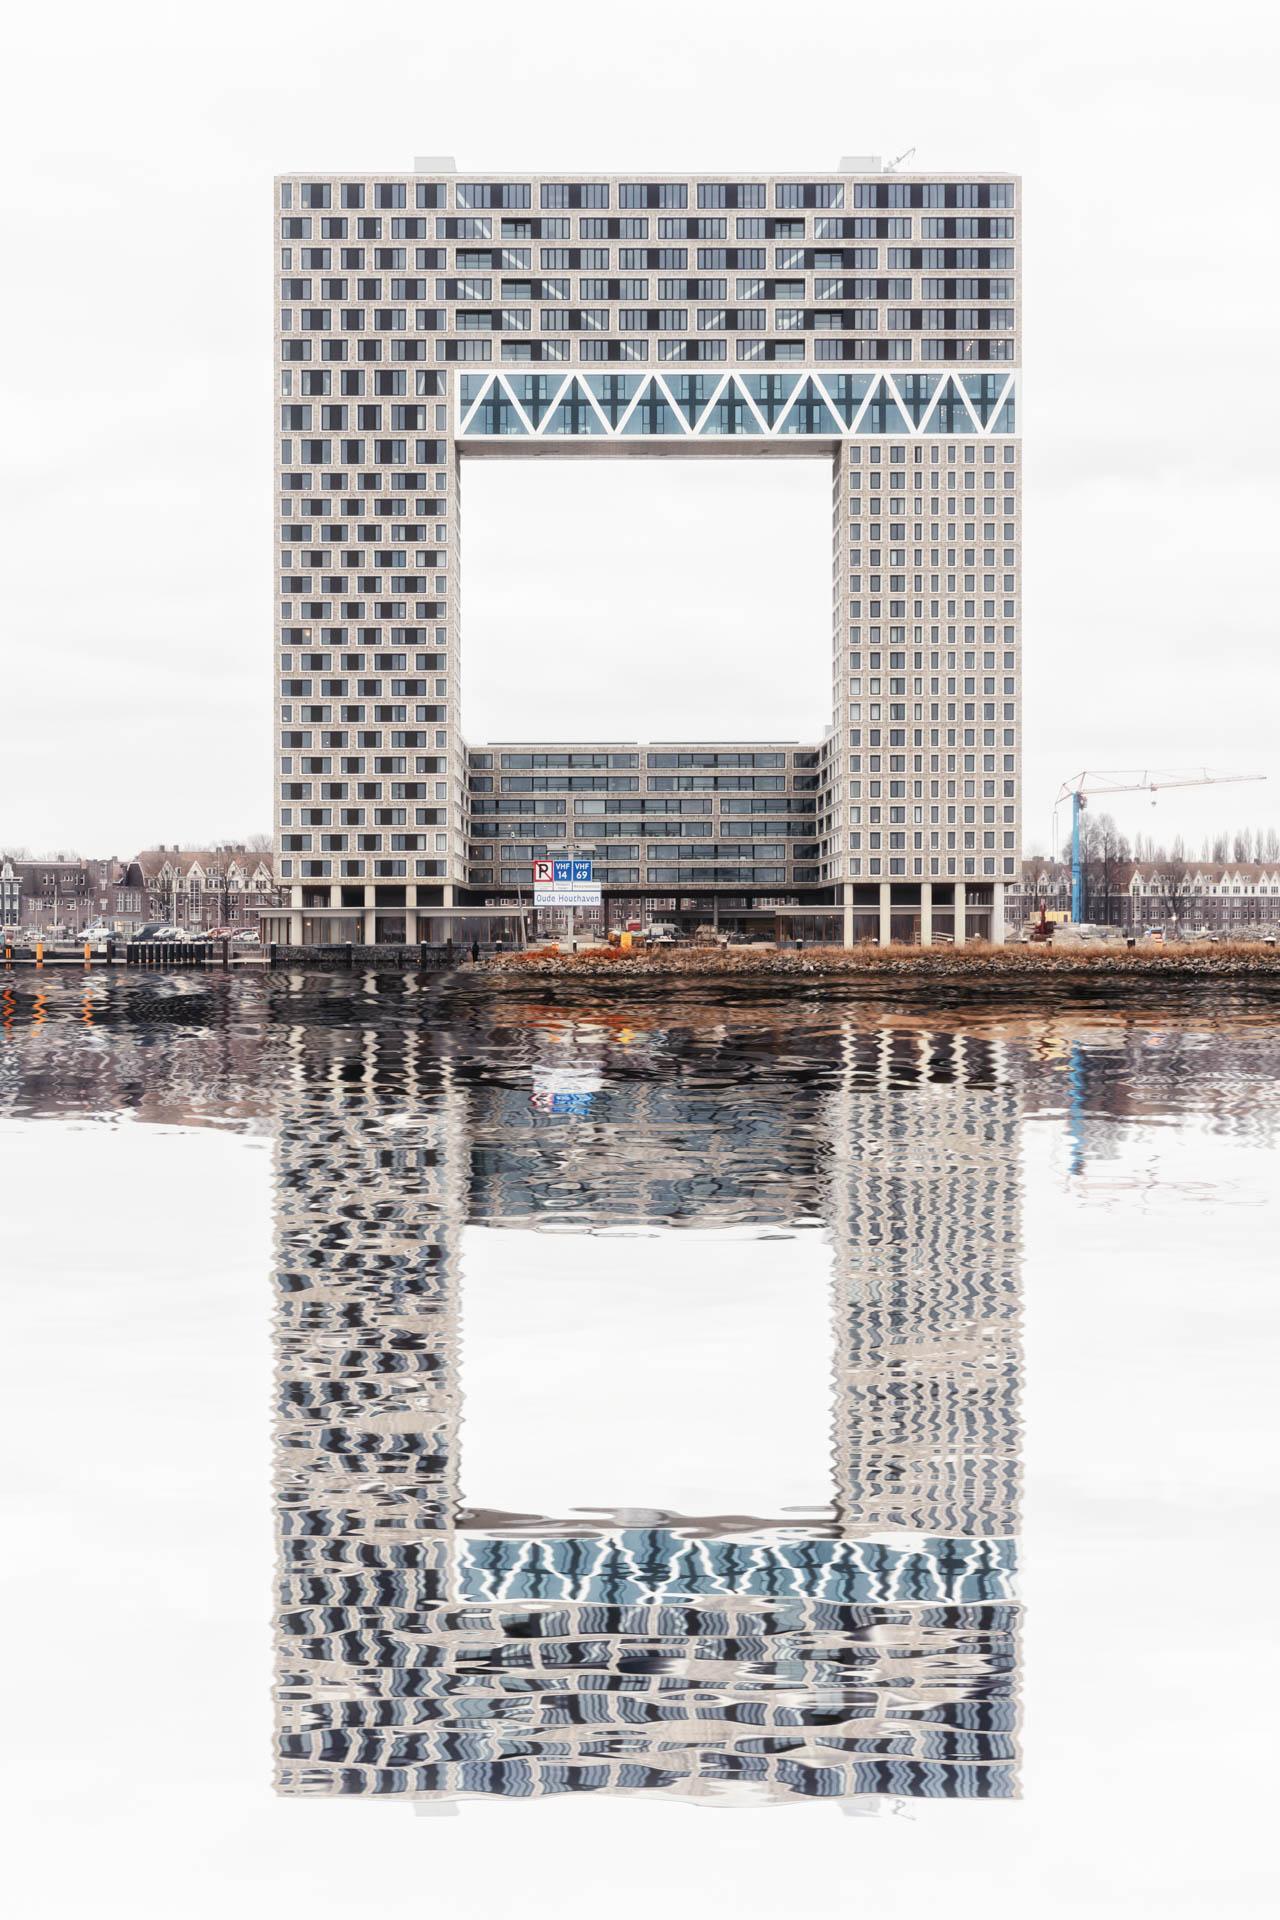 AMSTERDAM2019-STILL04.jpg